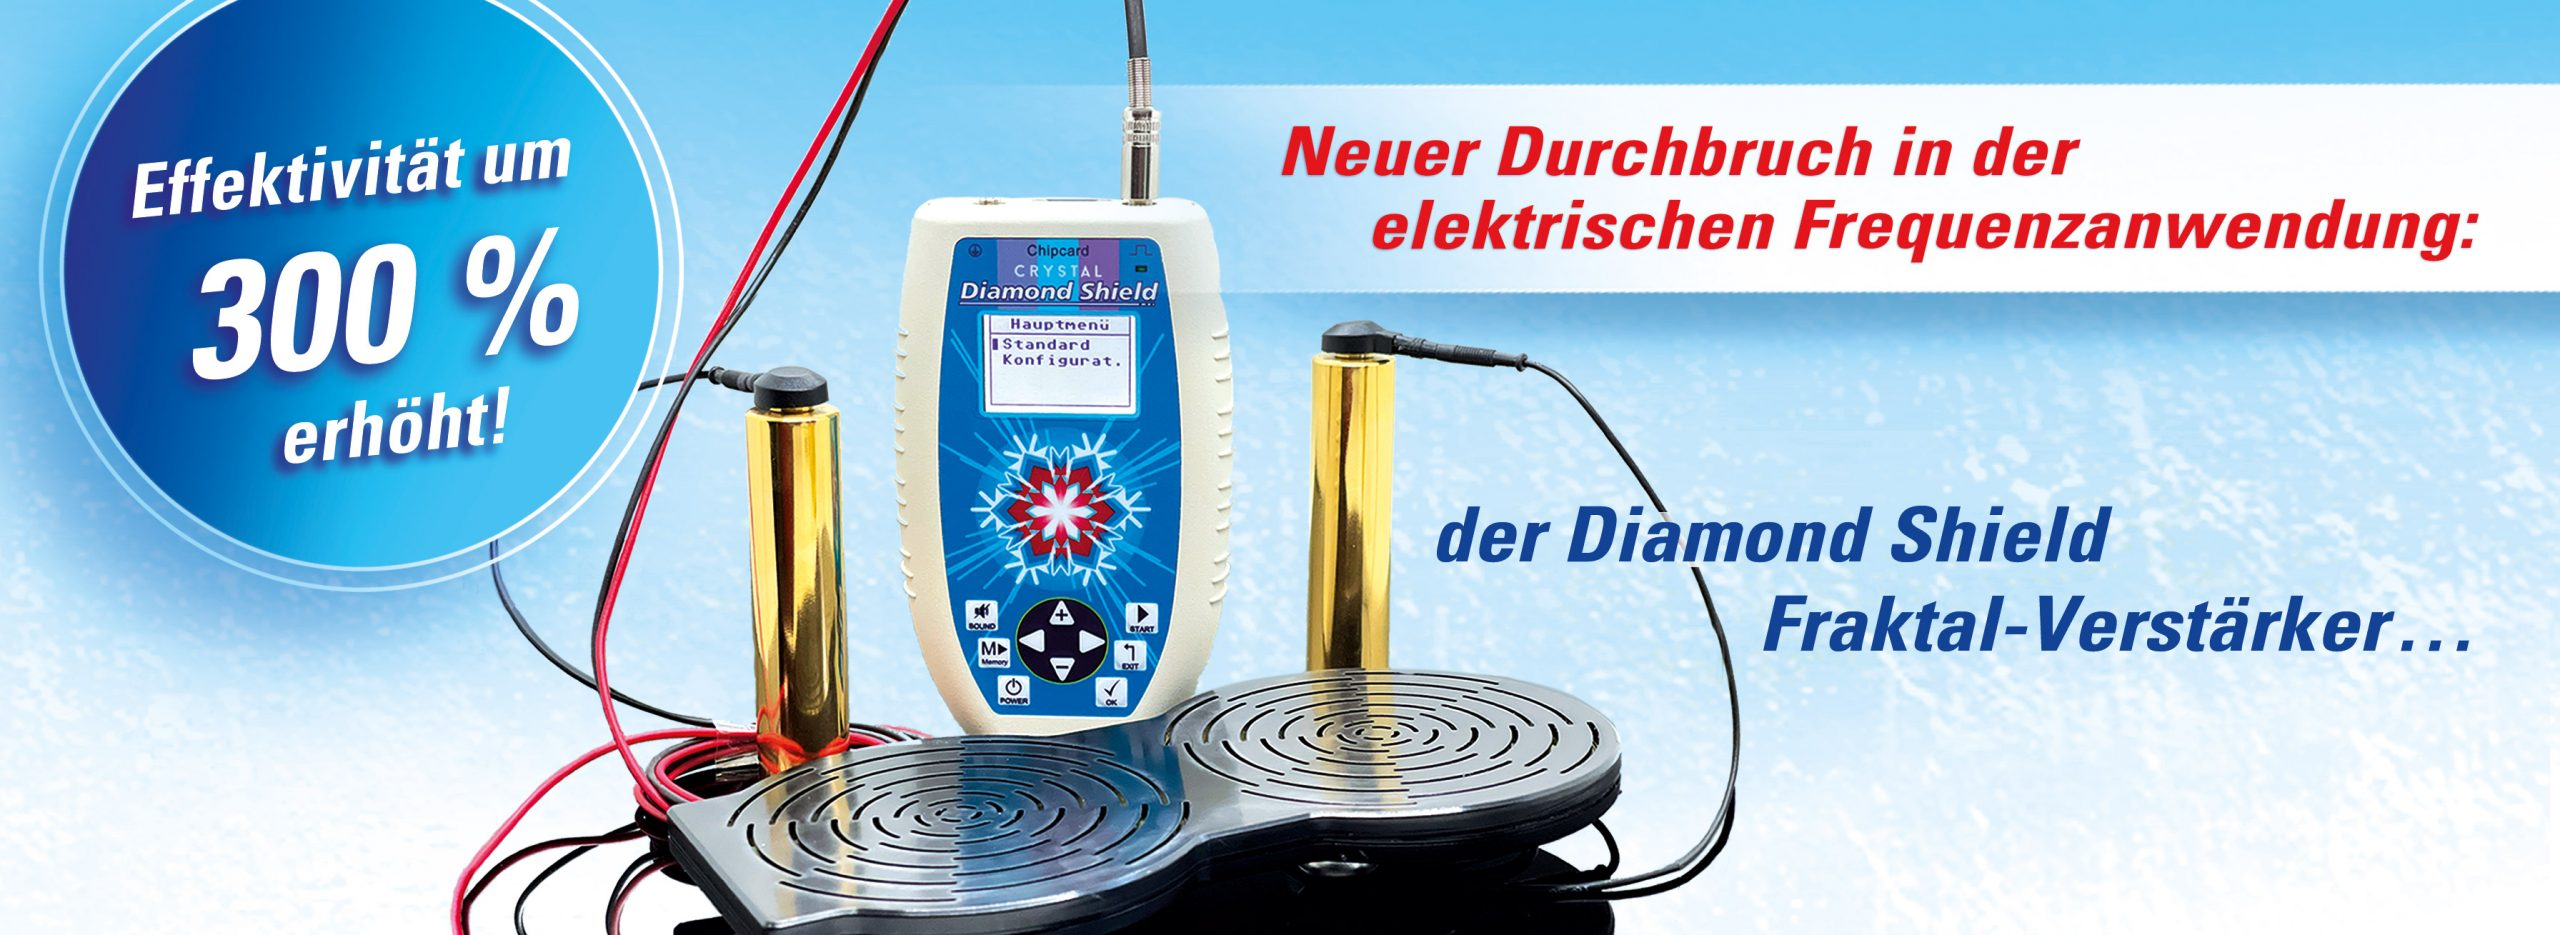 Diemond Shield Fraktal-Verstärker Slider